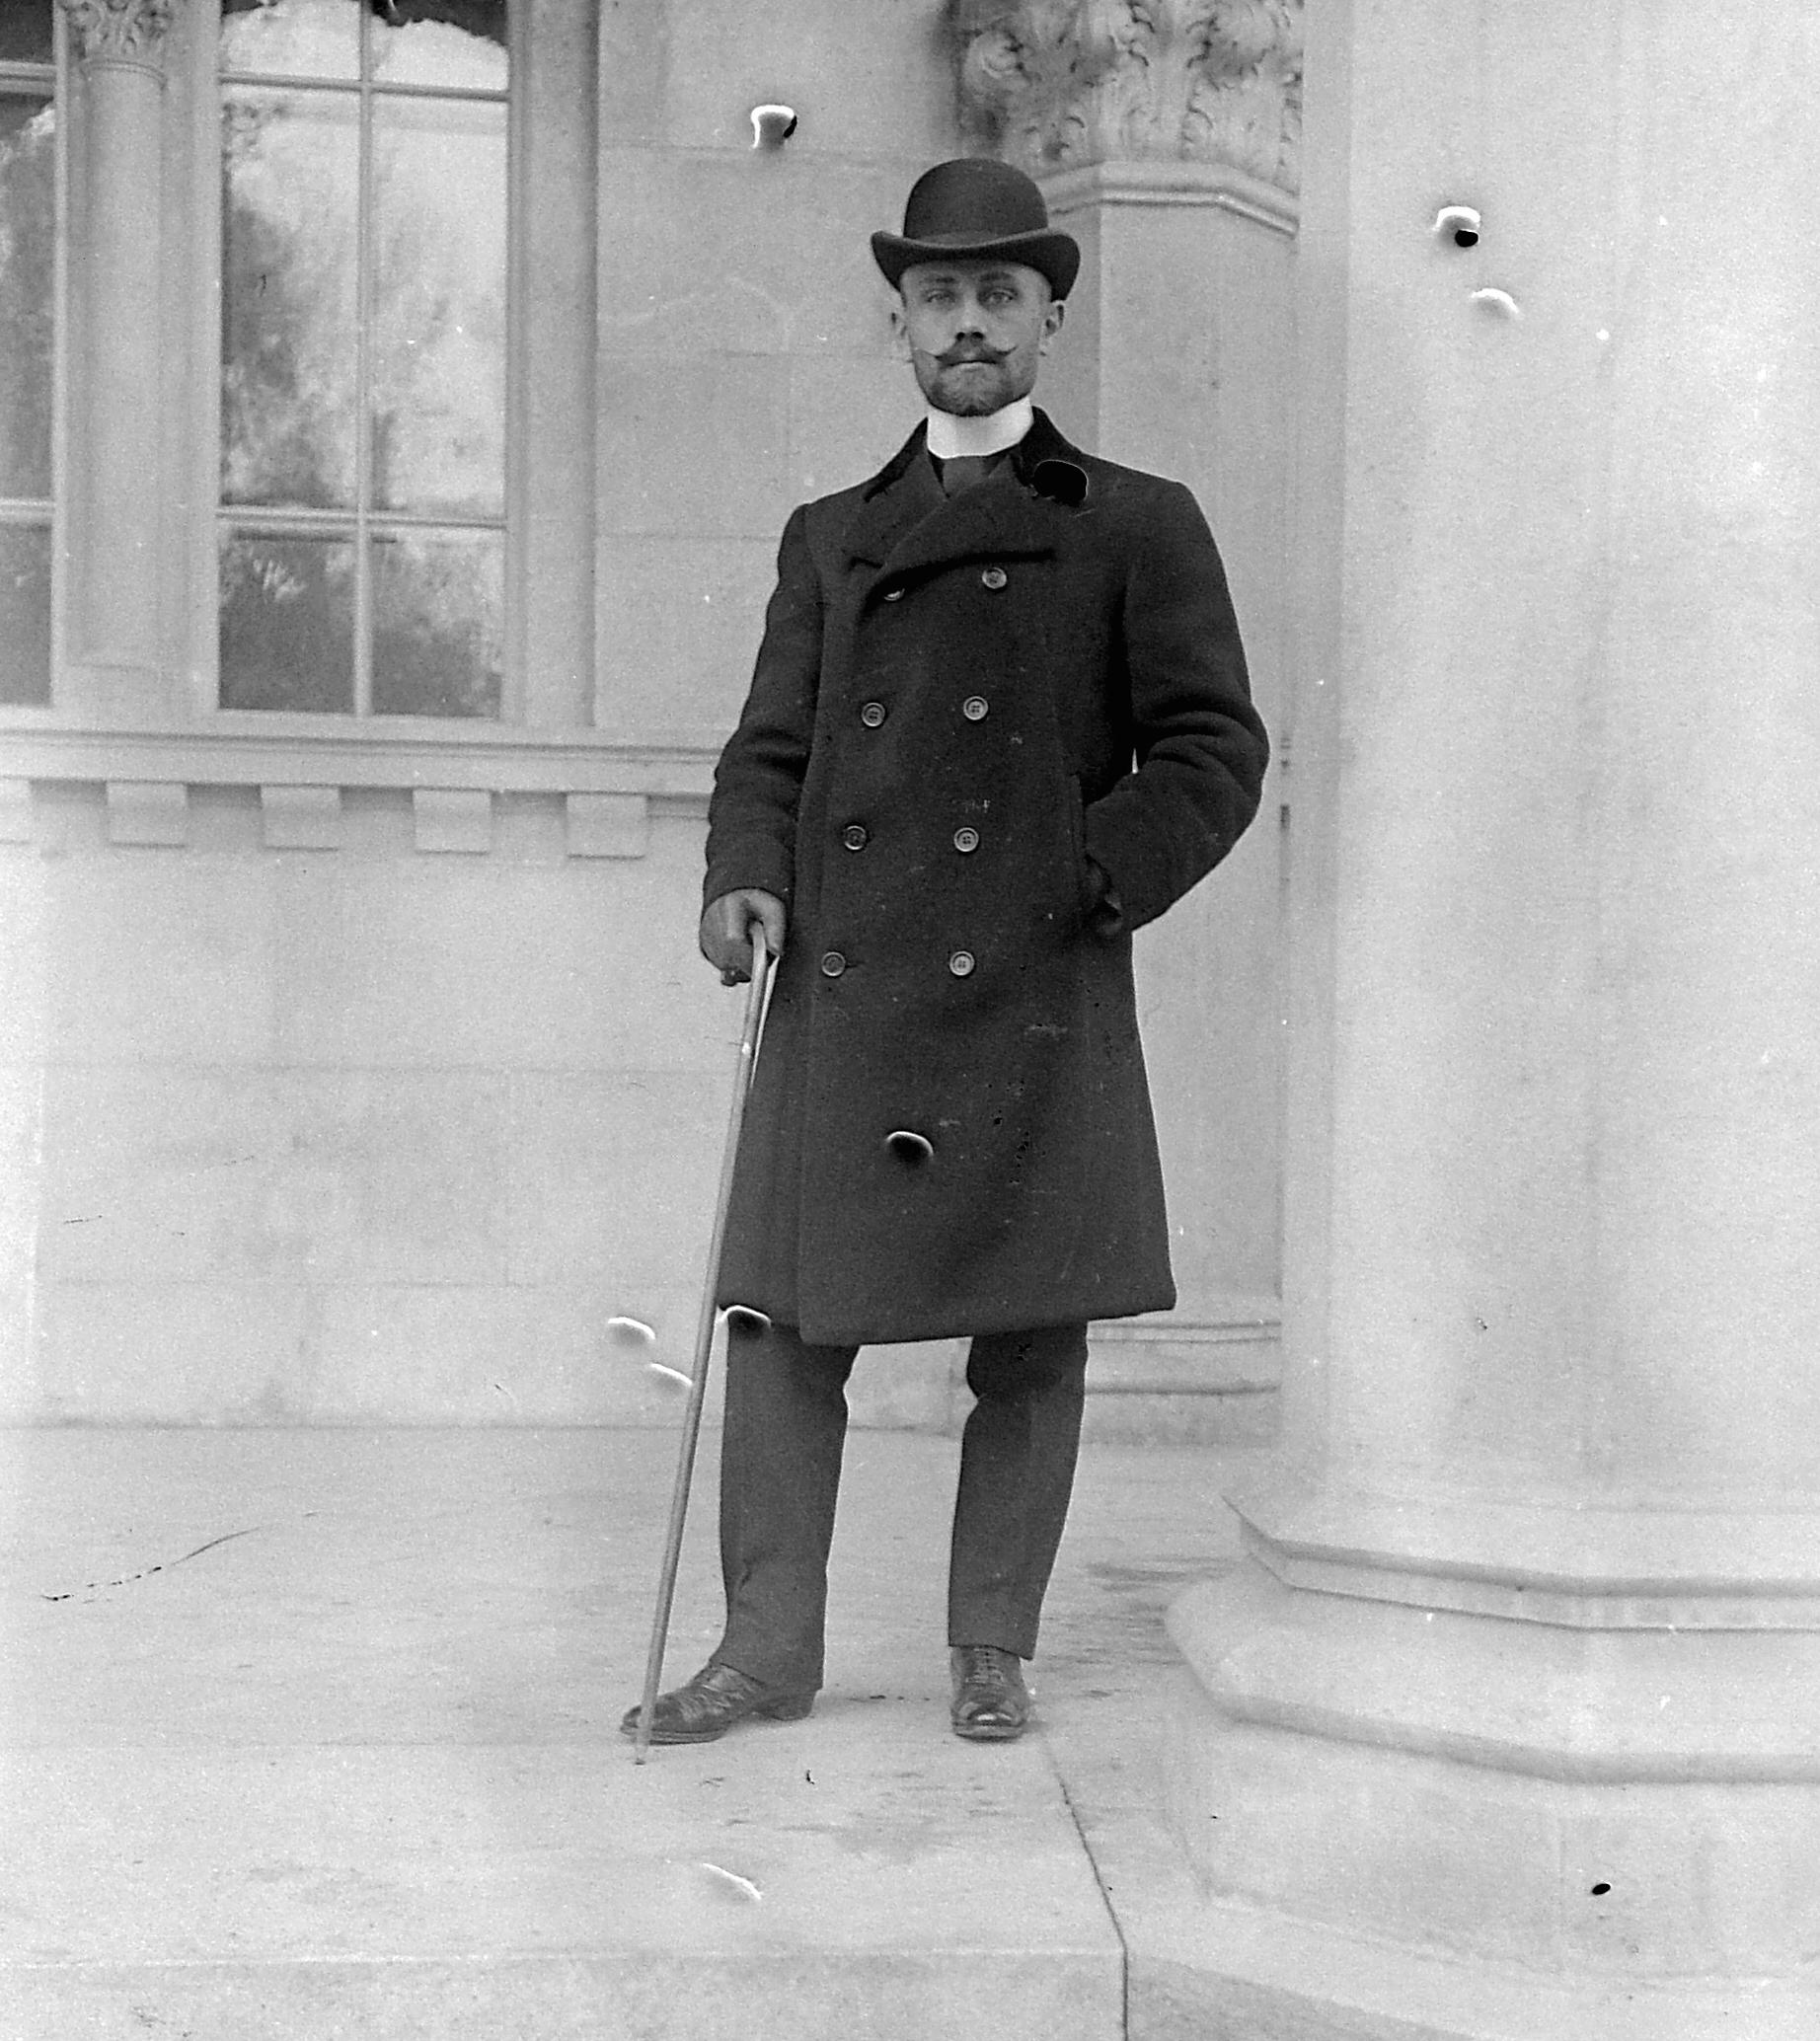 filebowler hat man fashion walking cane fortepan 2516